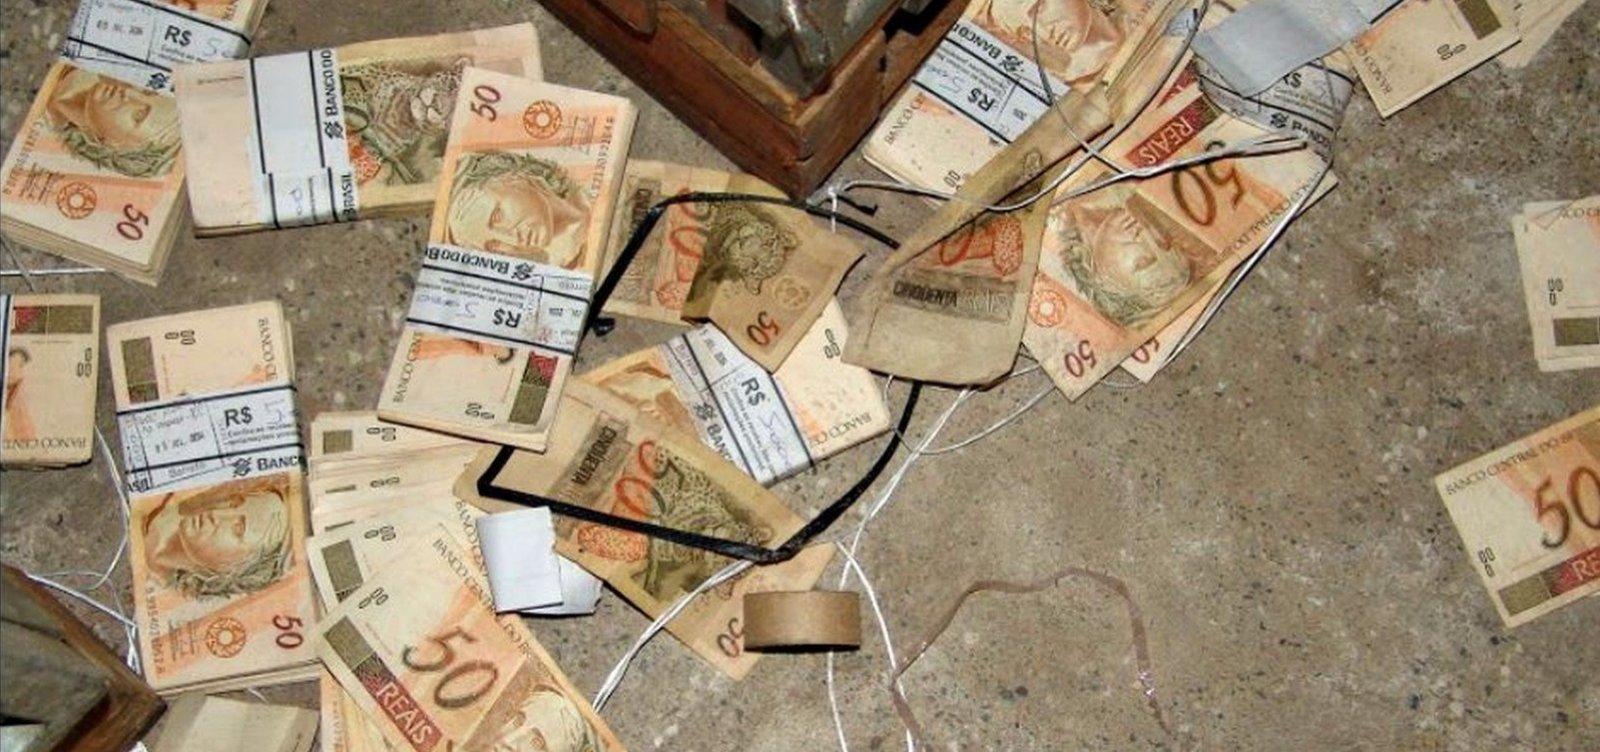 [Envolvido no furto ao Banco Central de Fortaleza terá redução de pena mesmo sem ter sido preso]